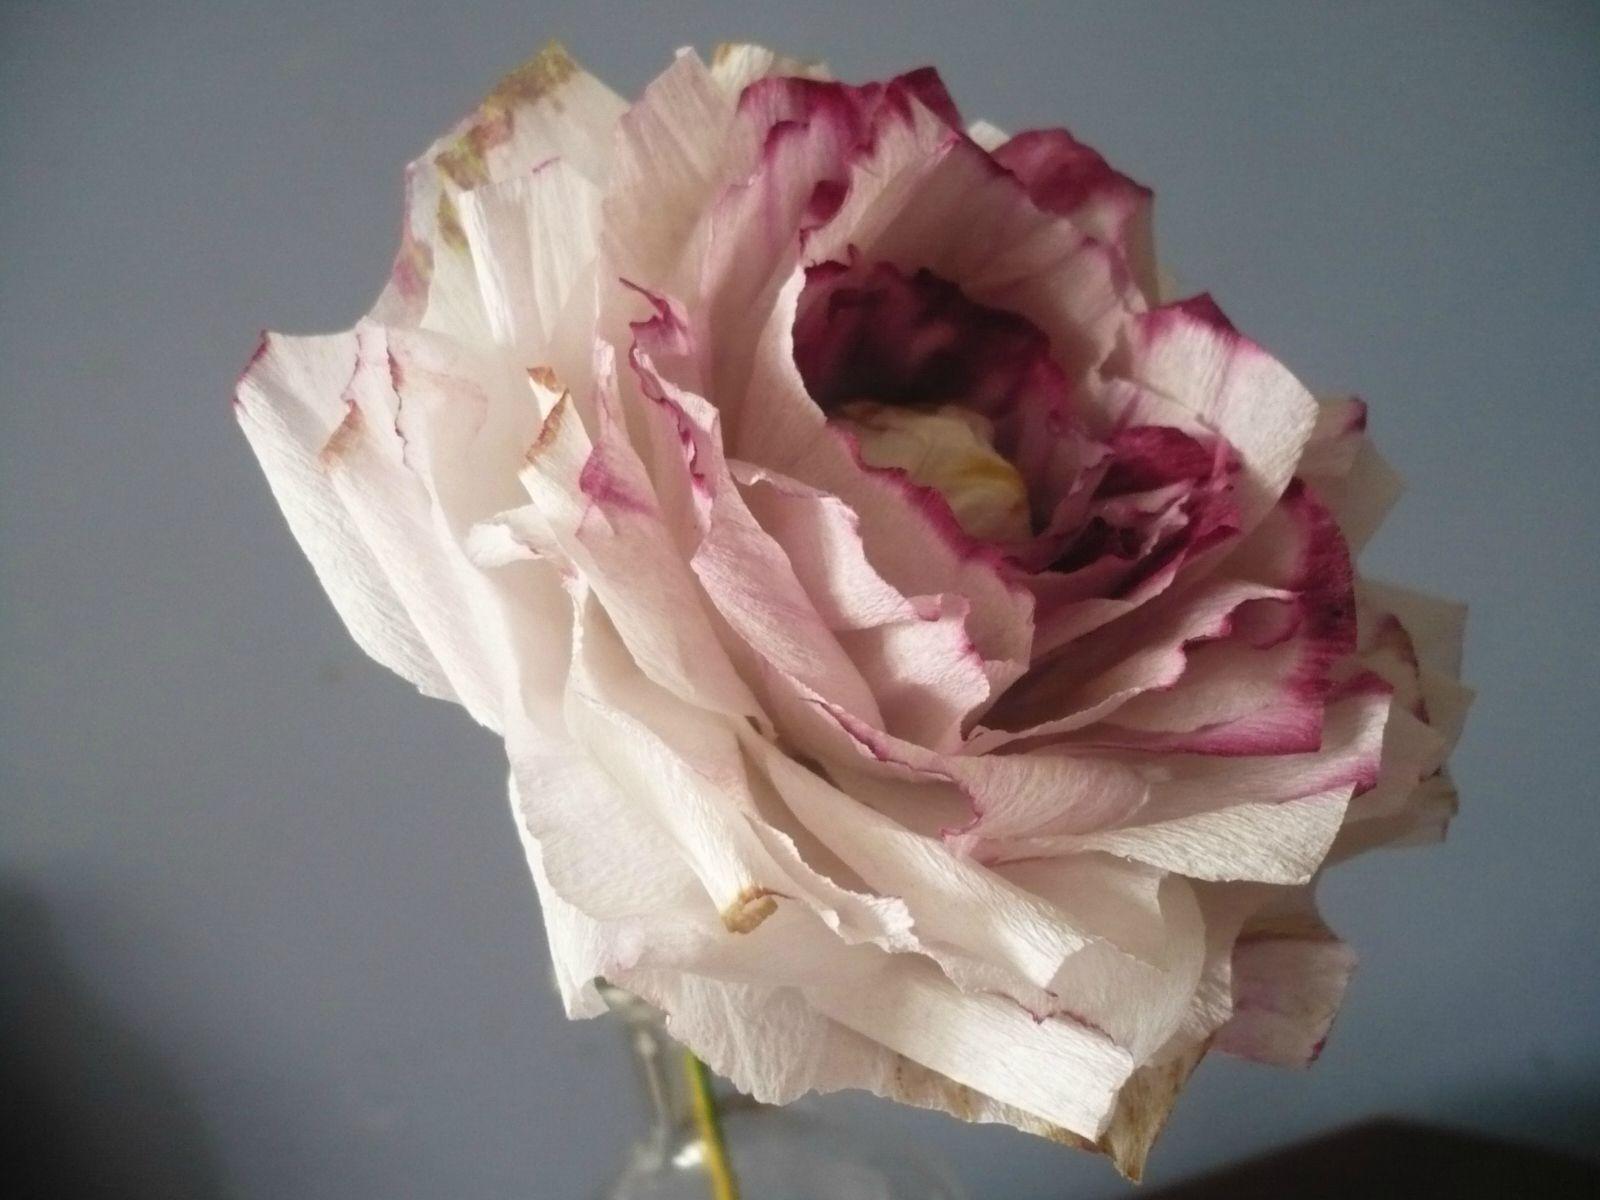 Rose en papier cr pon d lav mariage pinterest rose en papier crepon rose en papier et - Fabriquer des fleurs en papier crepon ...